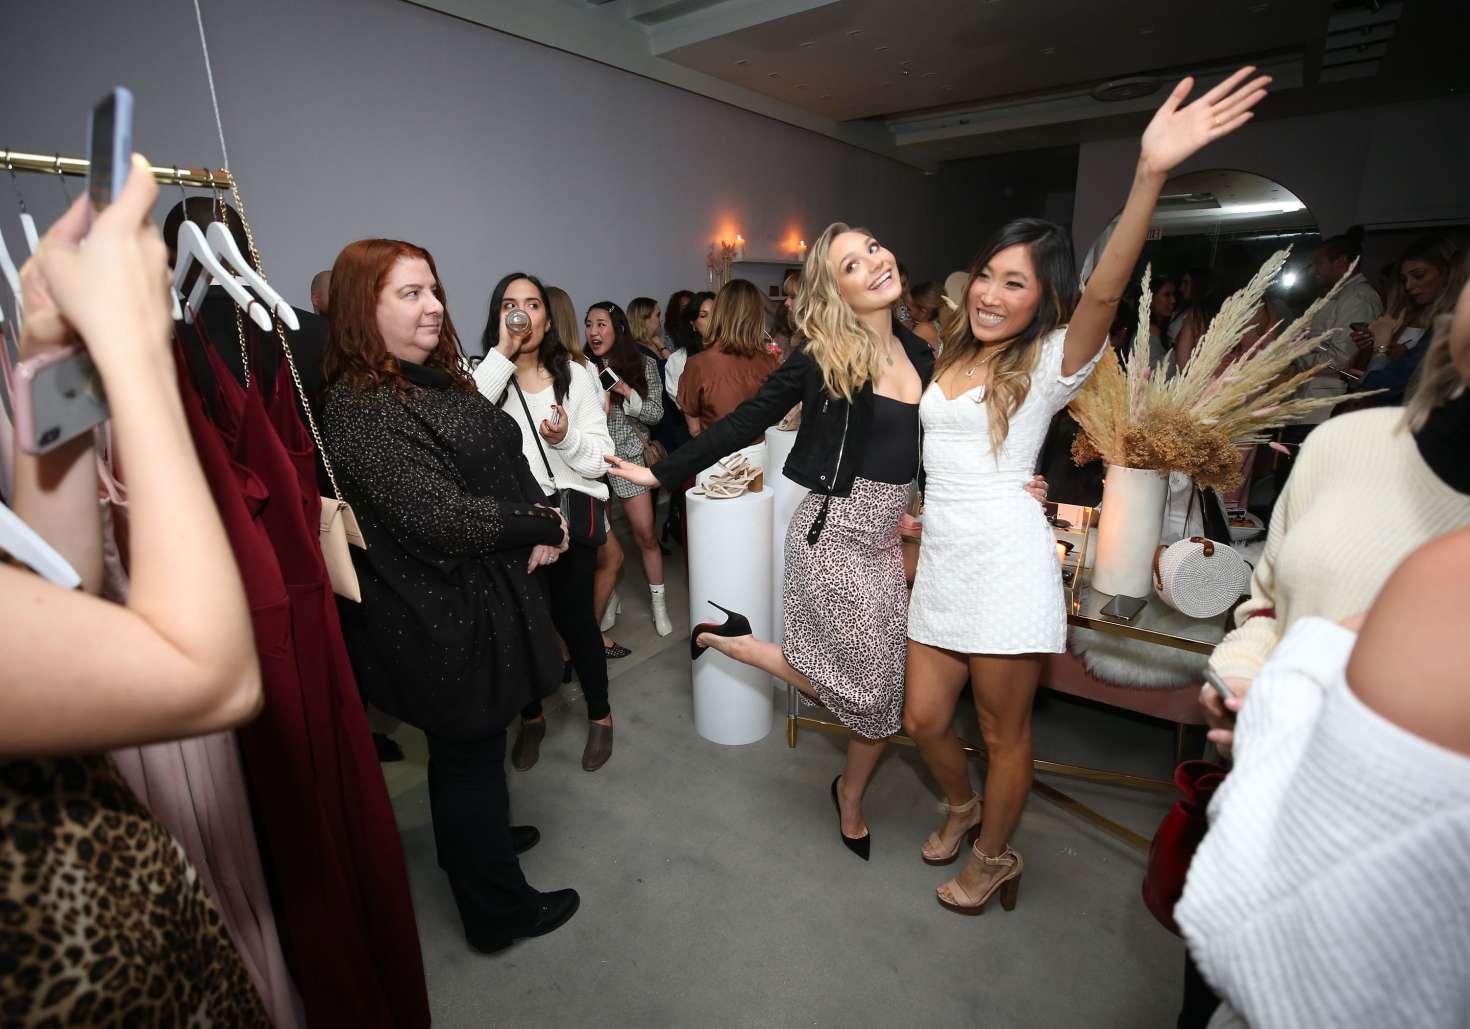 Maddie Ziegler 2019 : Maddie Ziegler: Showpo Pop-Up Launch Party -09